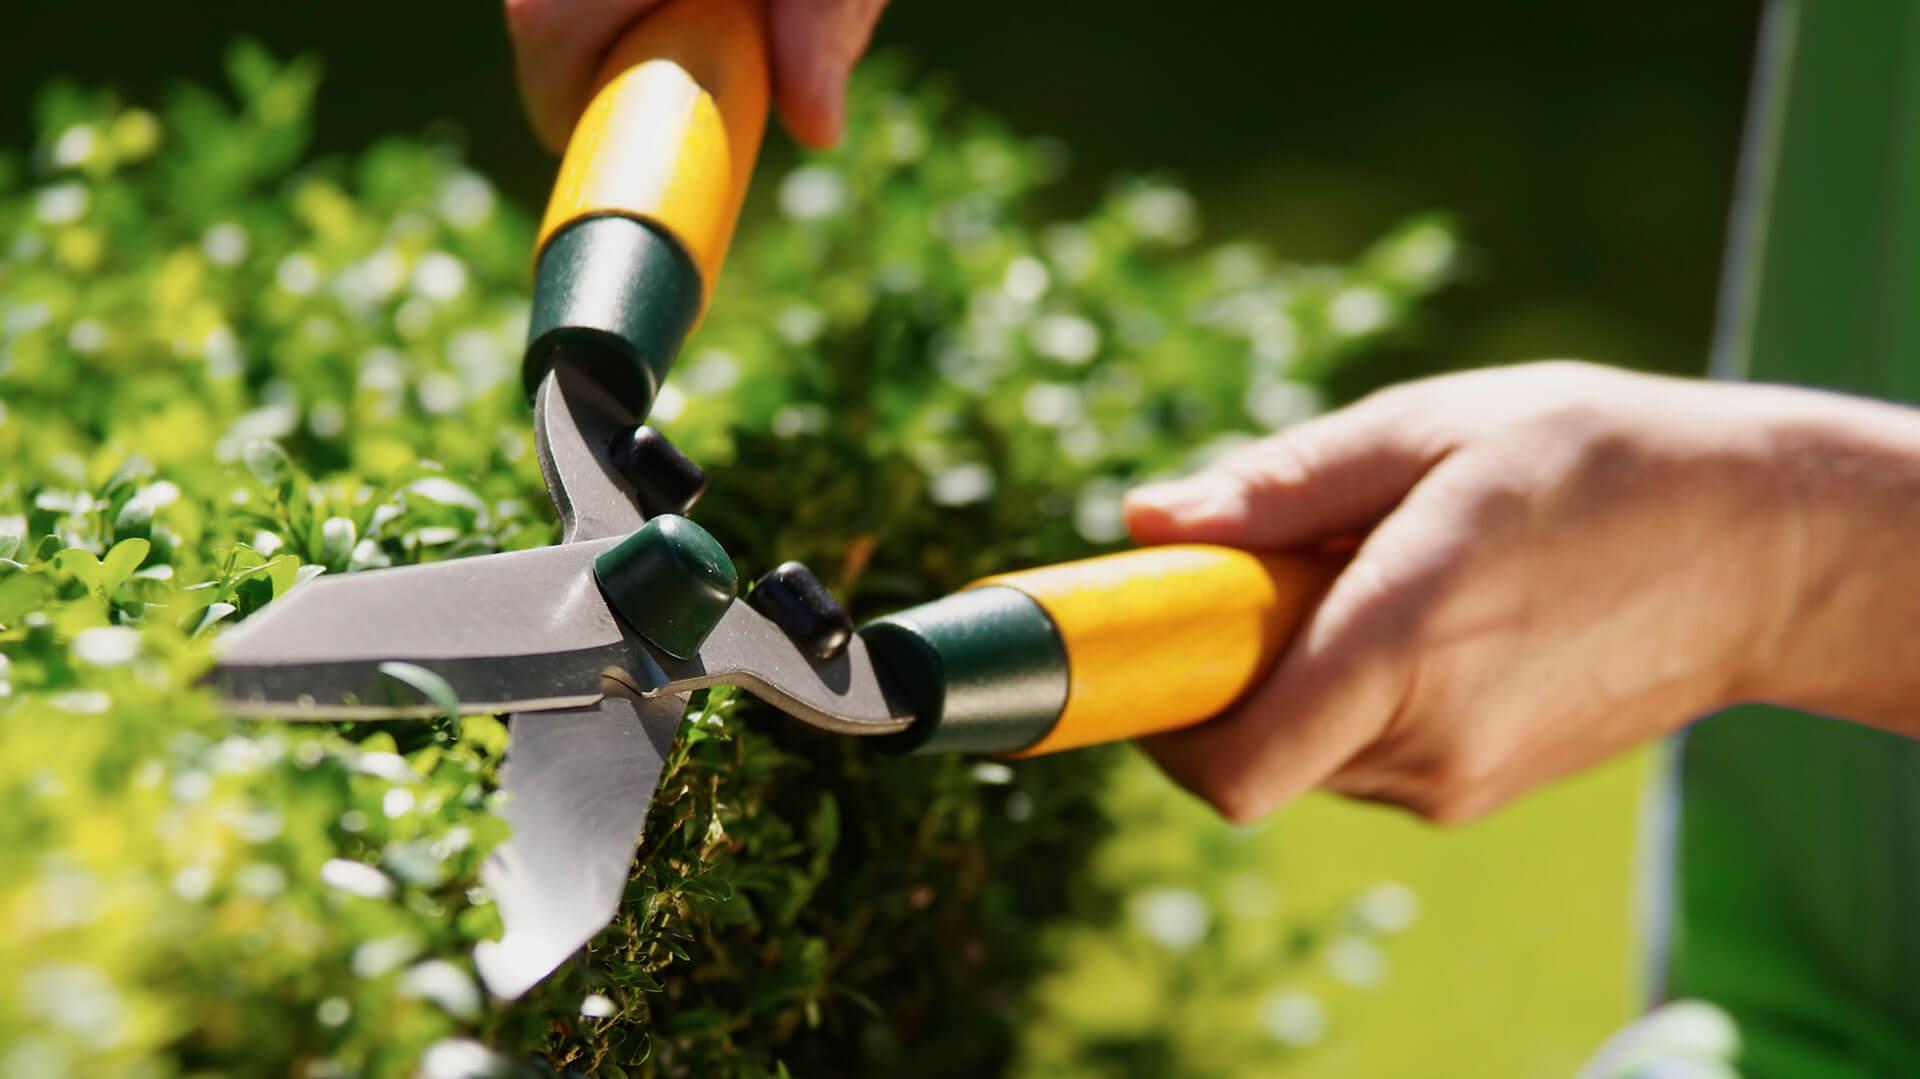 Pflege der Grünanlagen mit Gartenschere